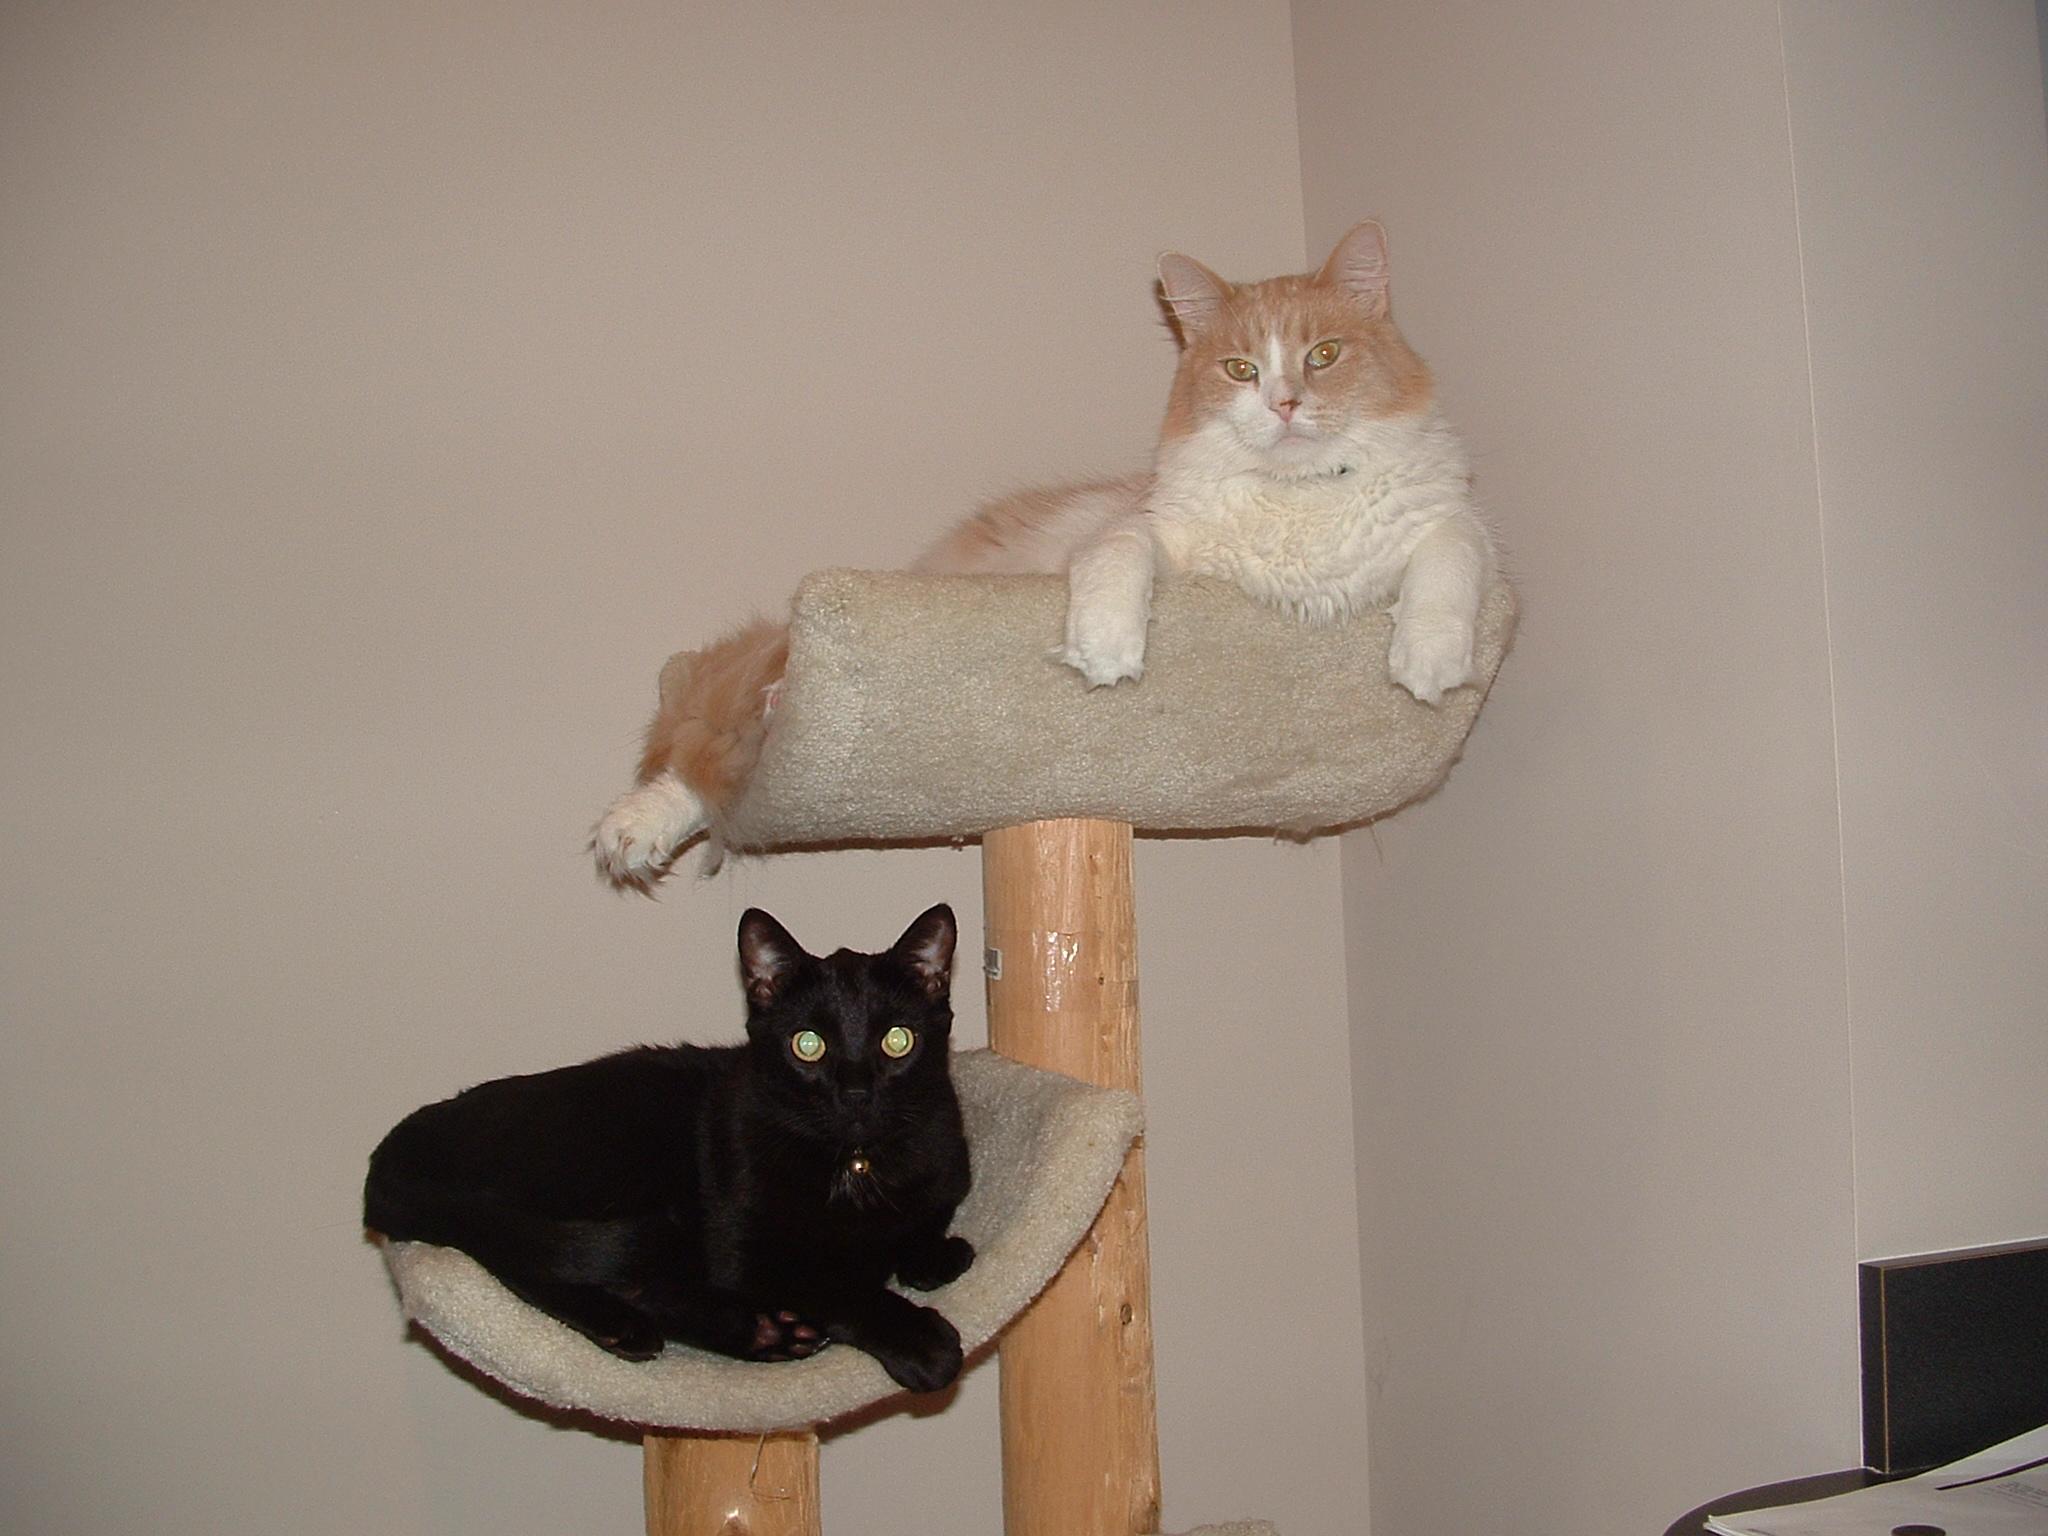 Monte and Yoshi